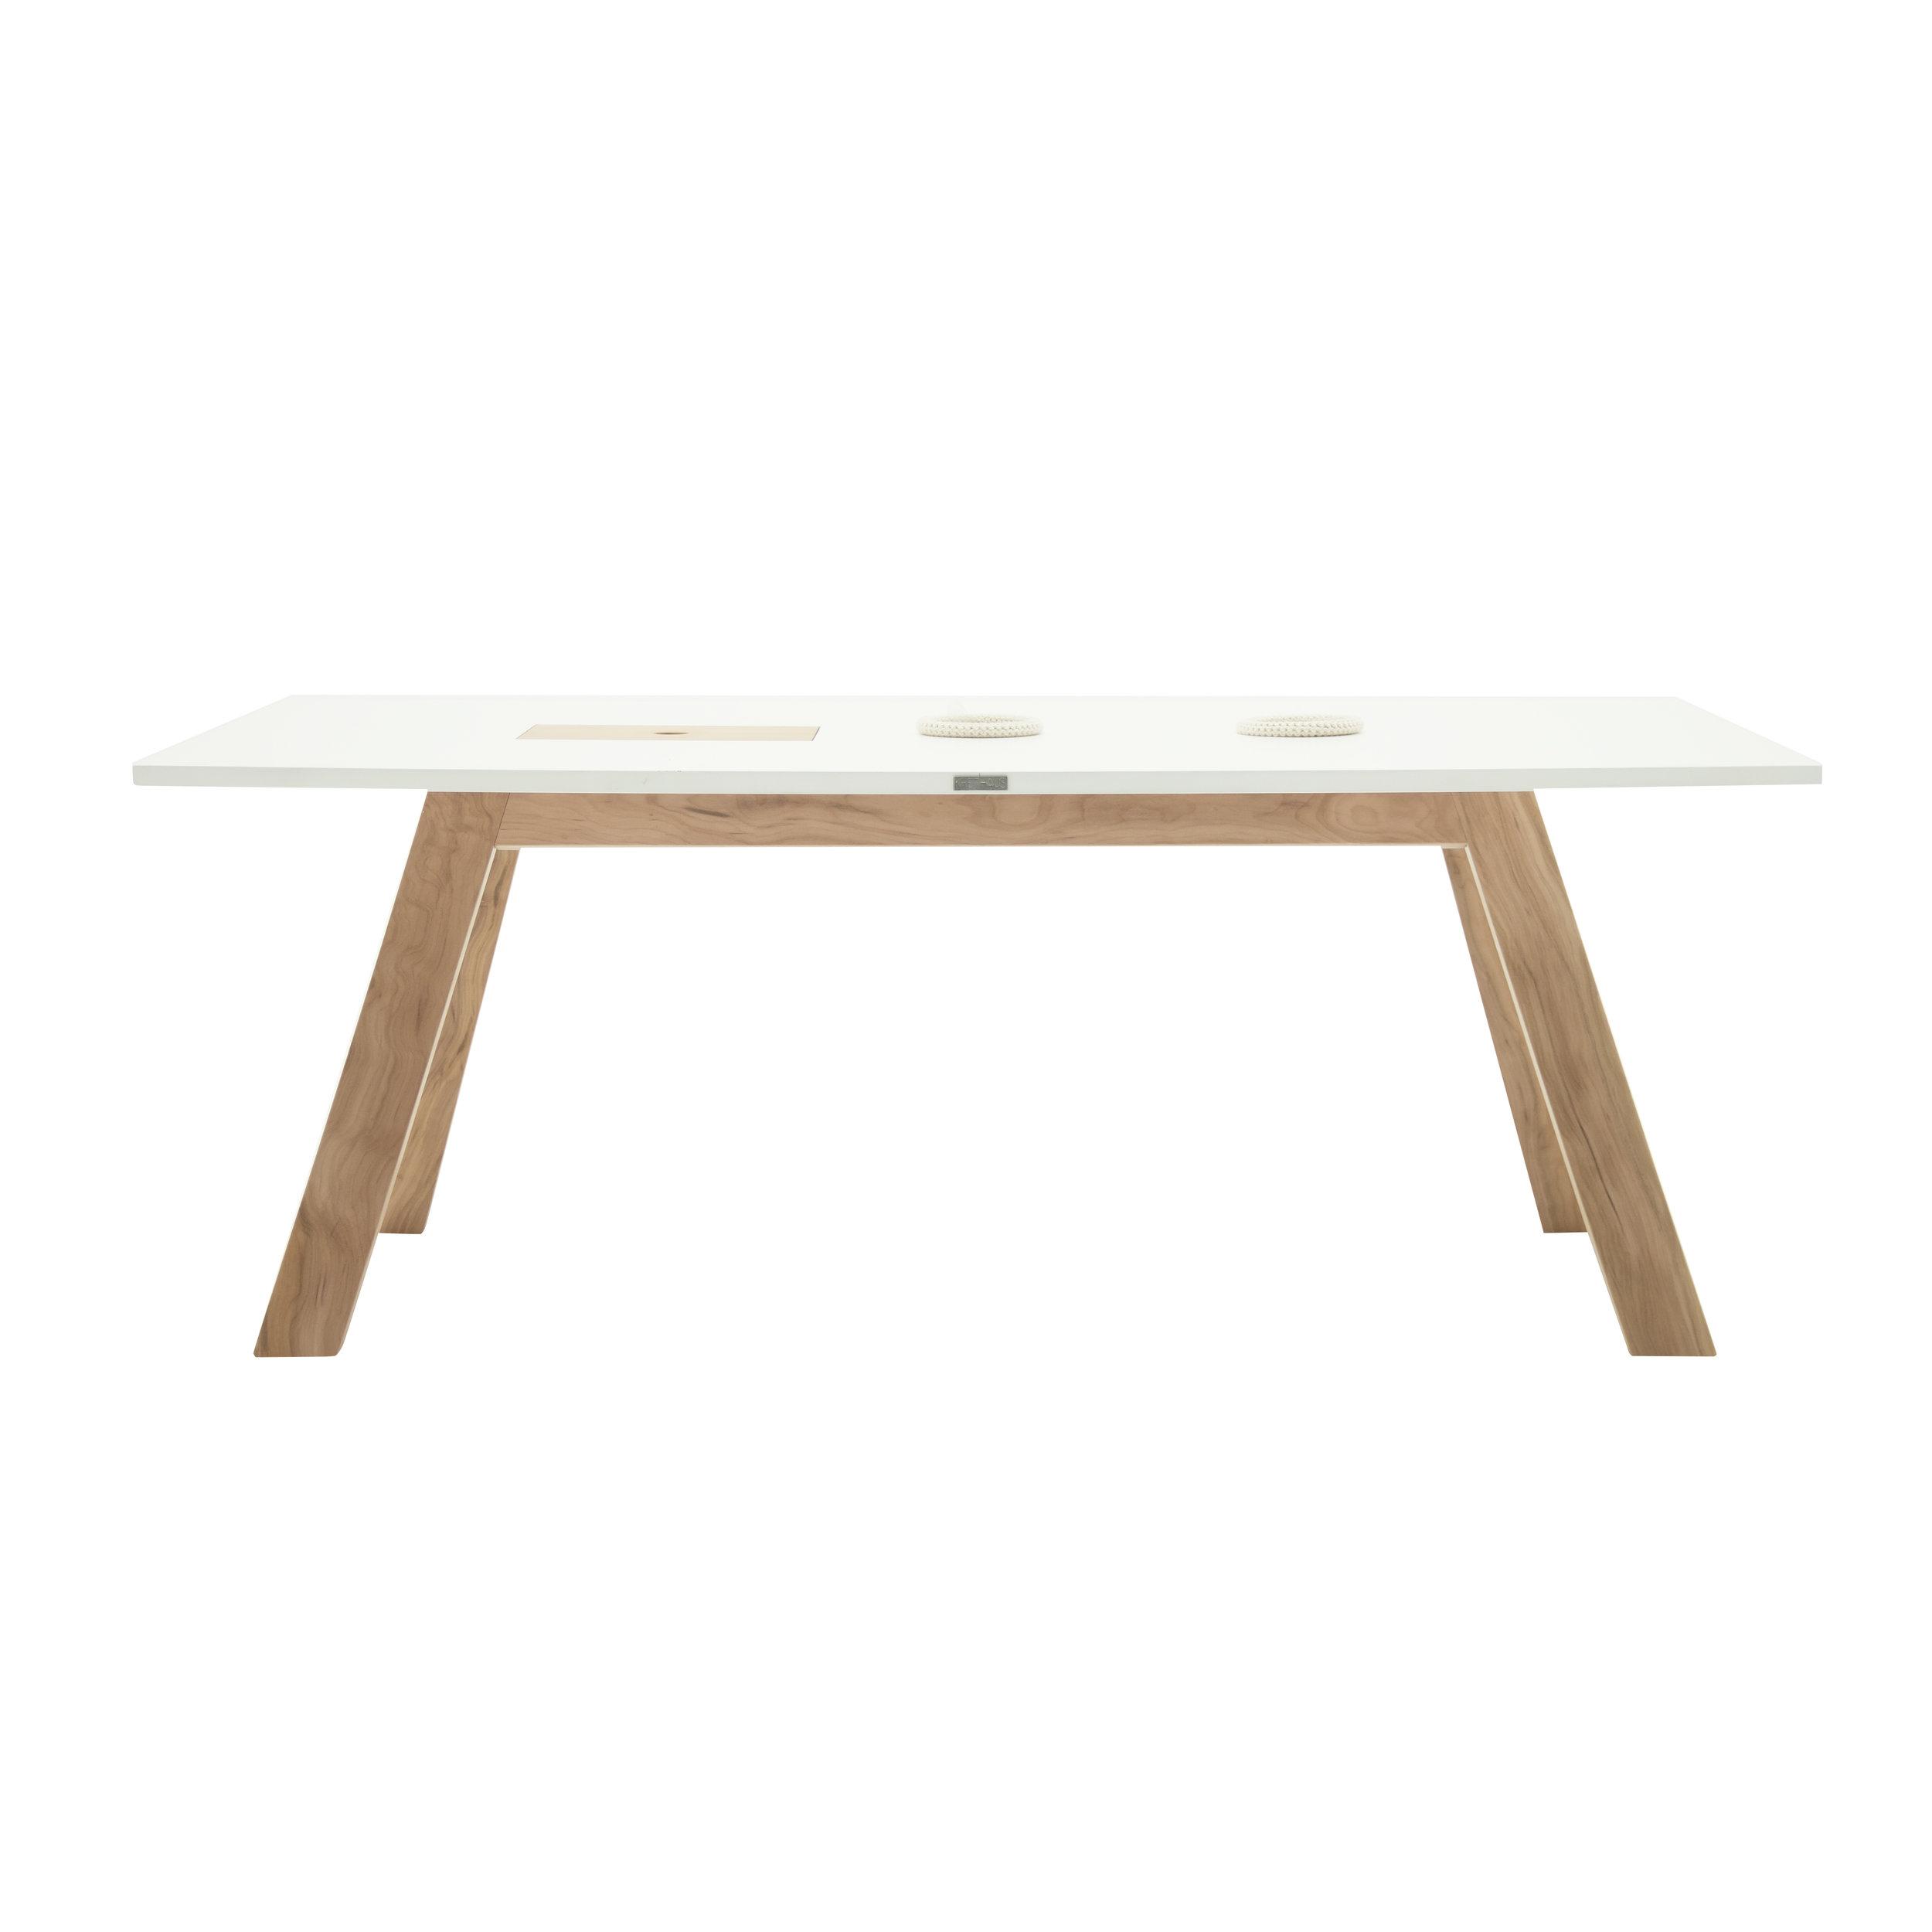 KH_Mini-Maxxi-Table_03.jpg